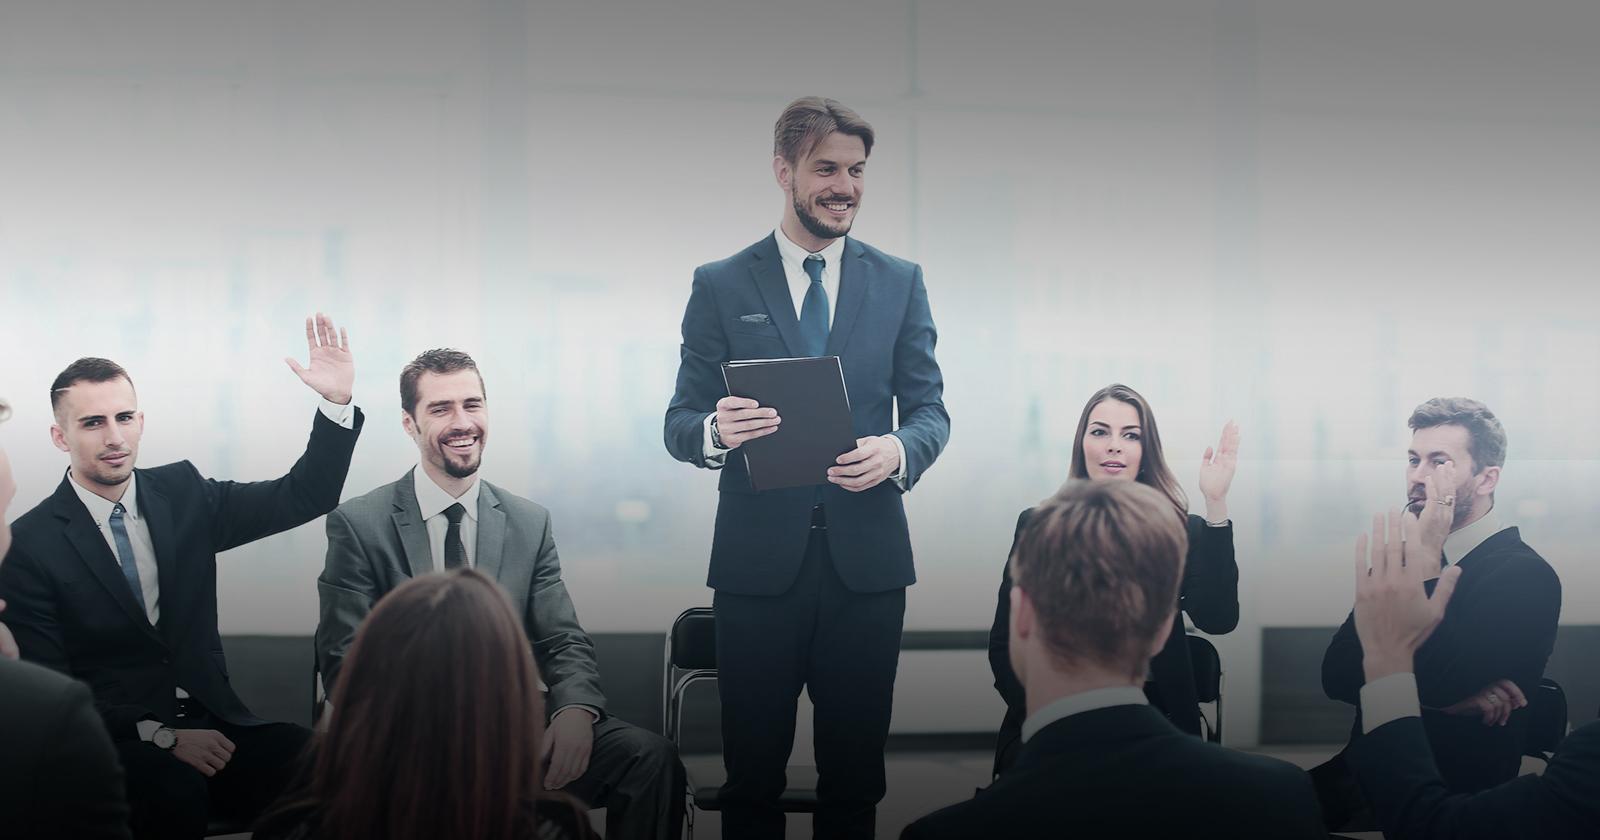 Certificacion coaching ejecutivo y alineaci n de equipos de trabajo ict